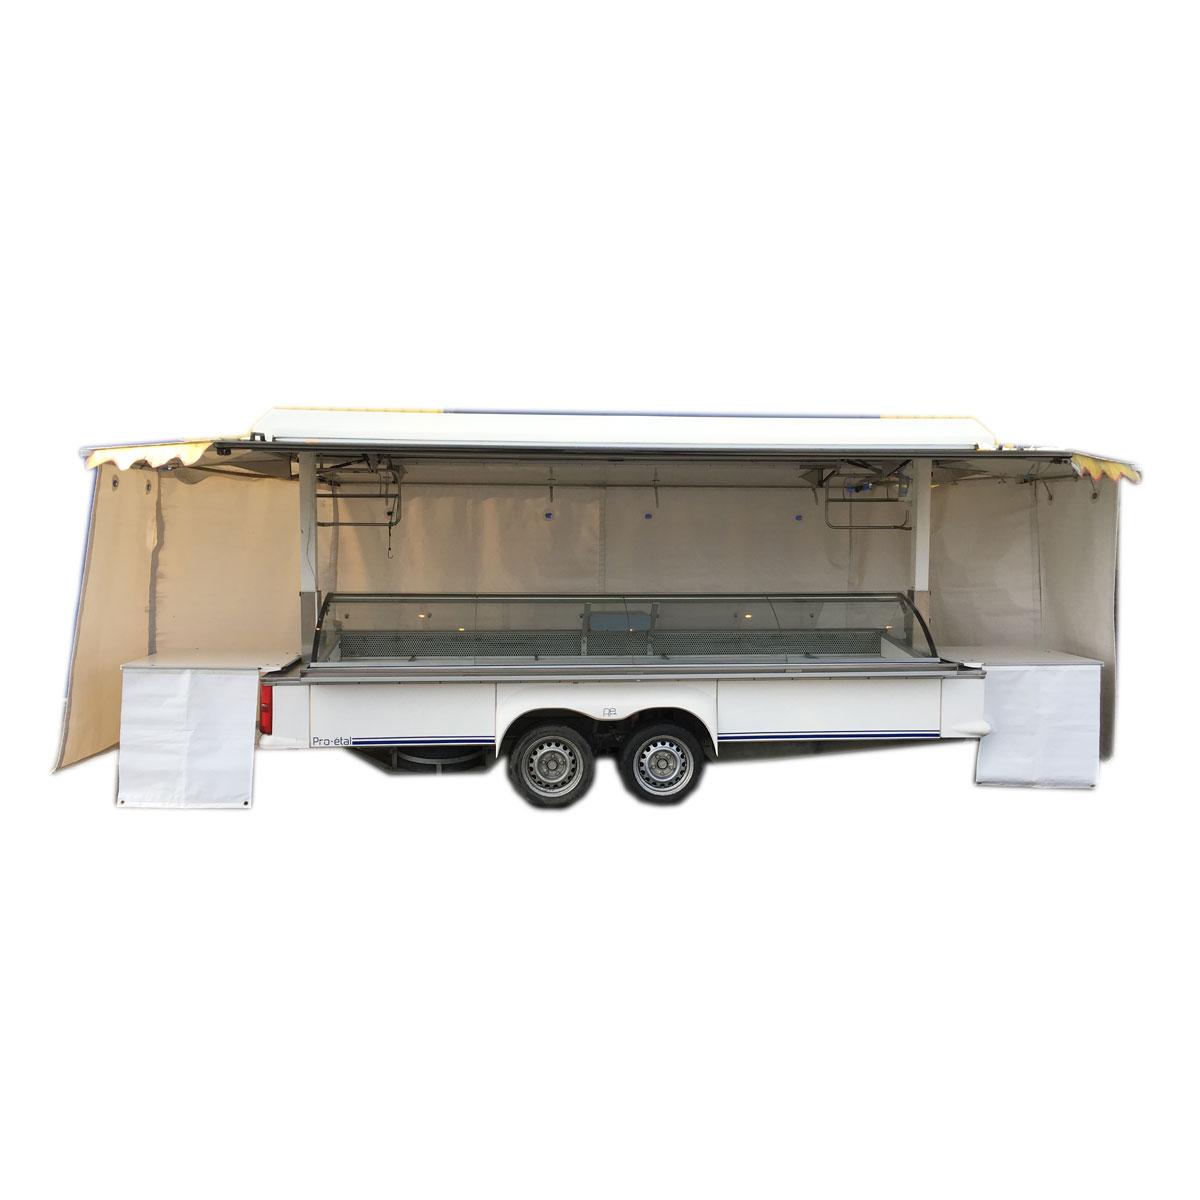 remorque etal boucherie charcuterie occasion fiche 895 bcc fabricant de camions magasins. Black Bedroom Furniture Sets. Home Design Ideas